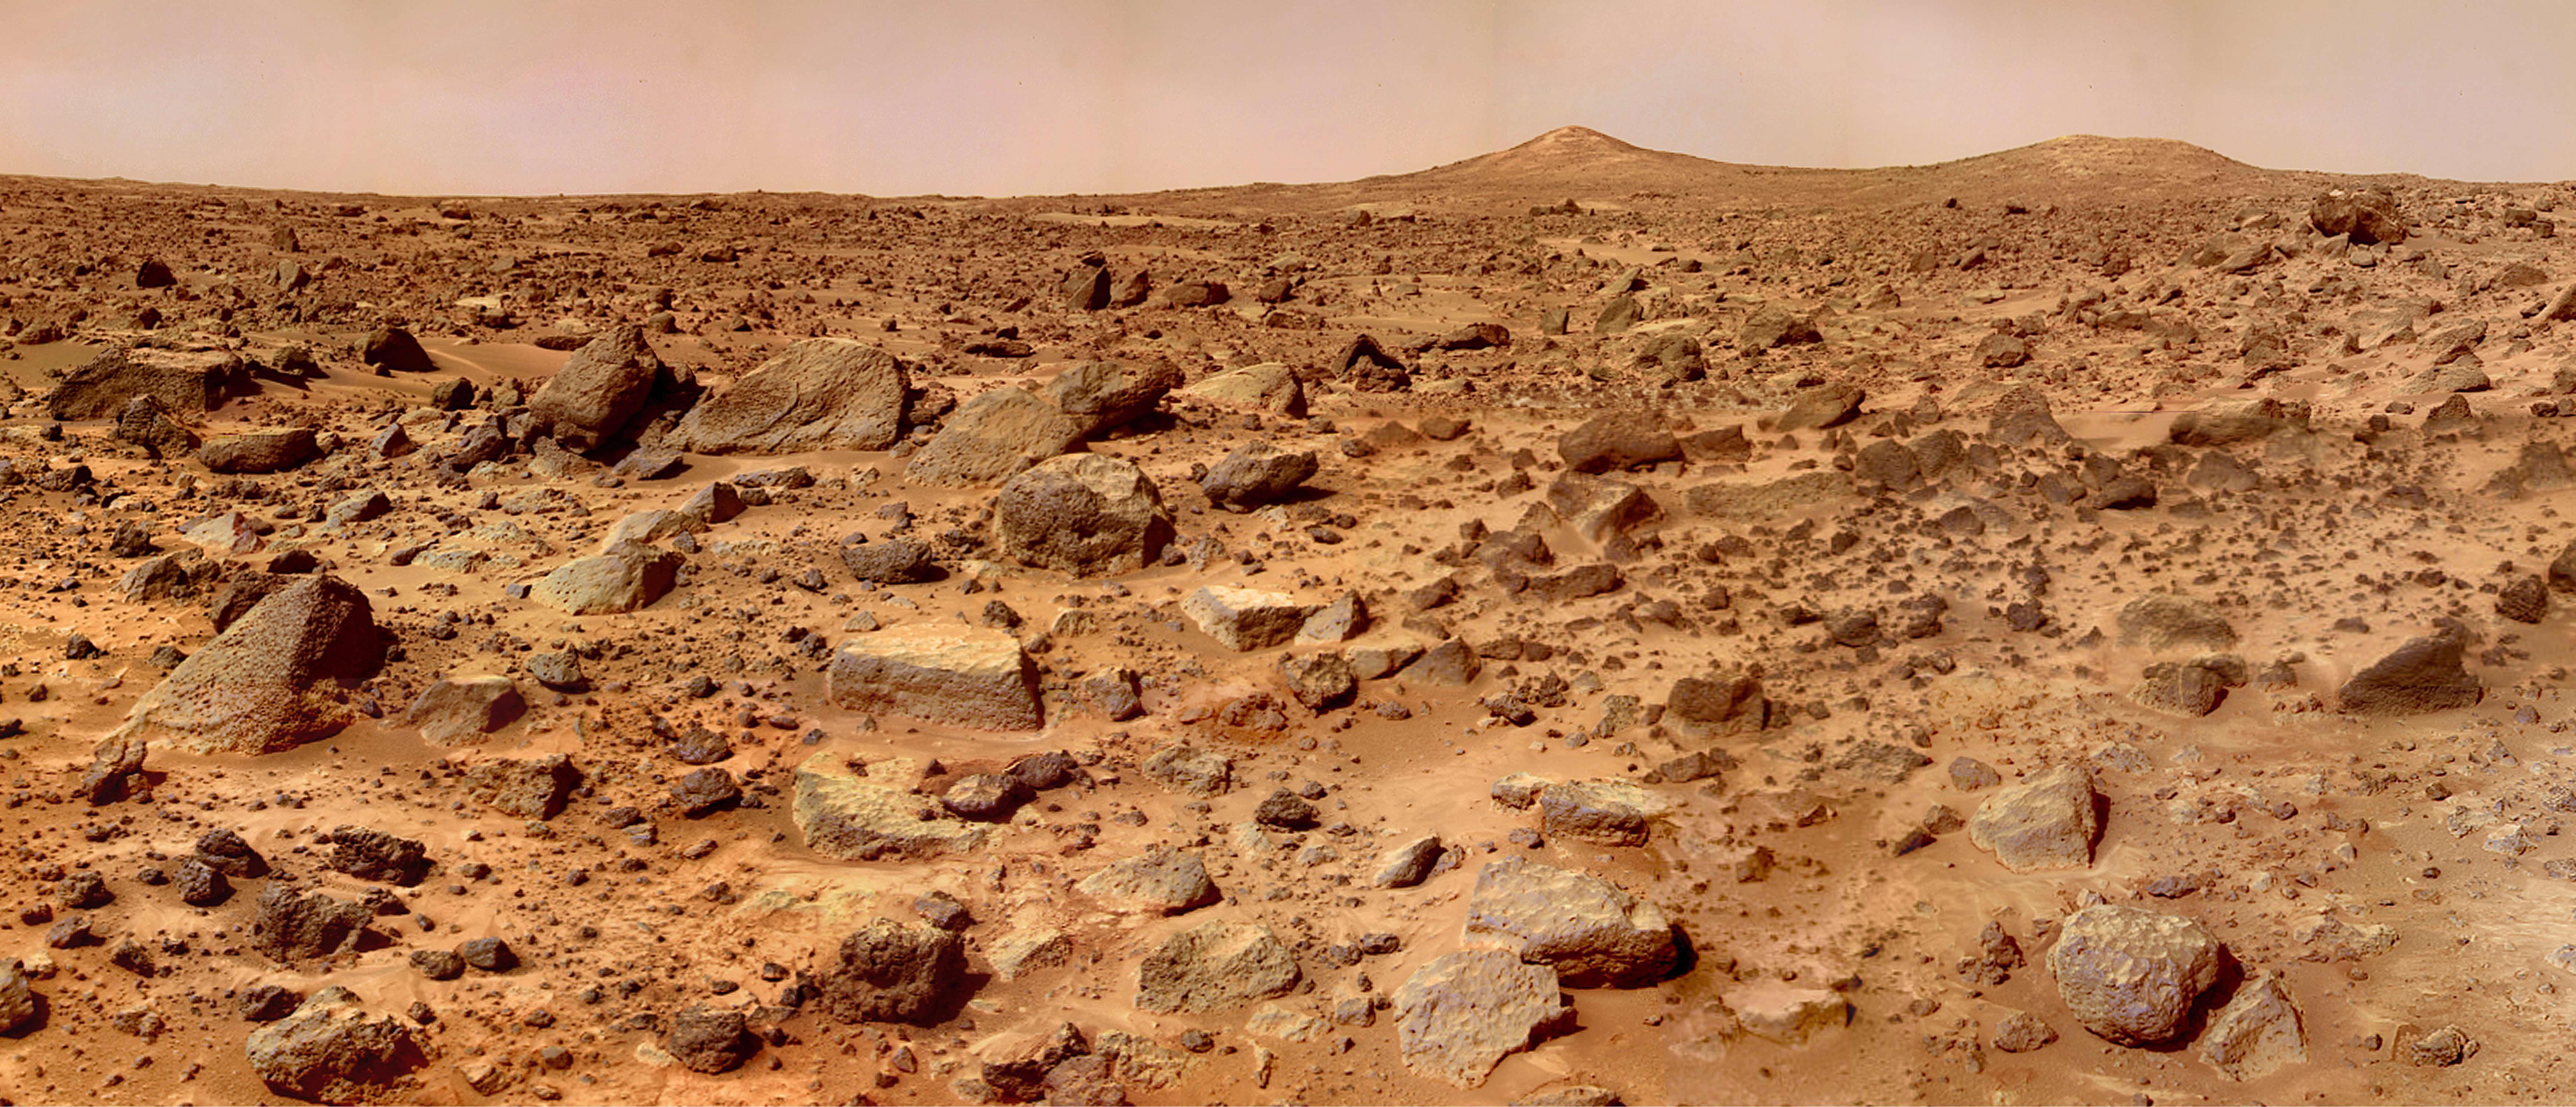 """NASA档案旧火星图像引起新一代太空爱好者注意 展示火星""""双峰""""景象"""